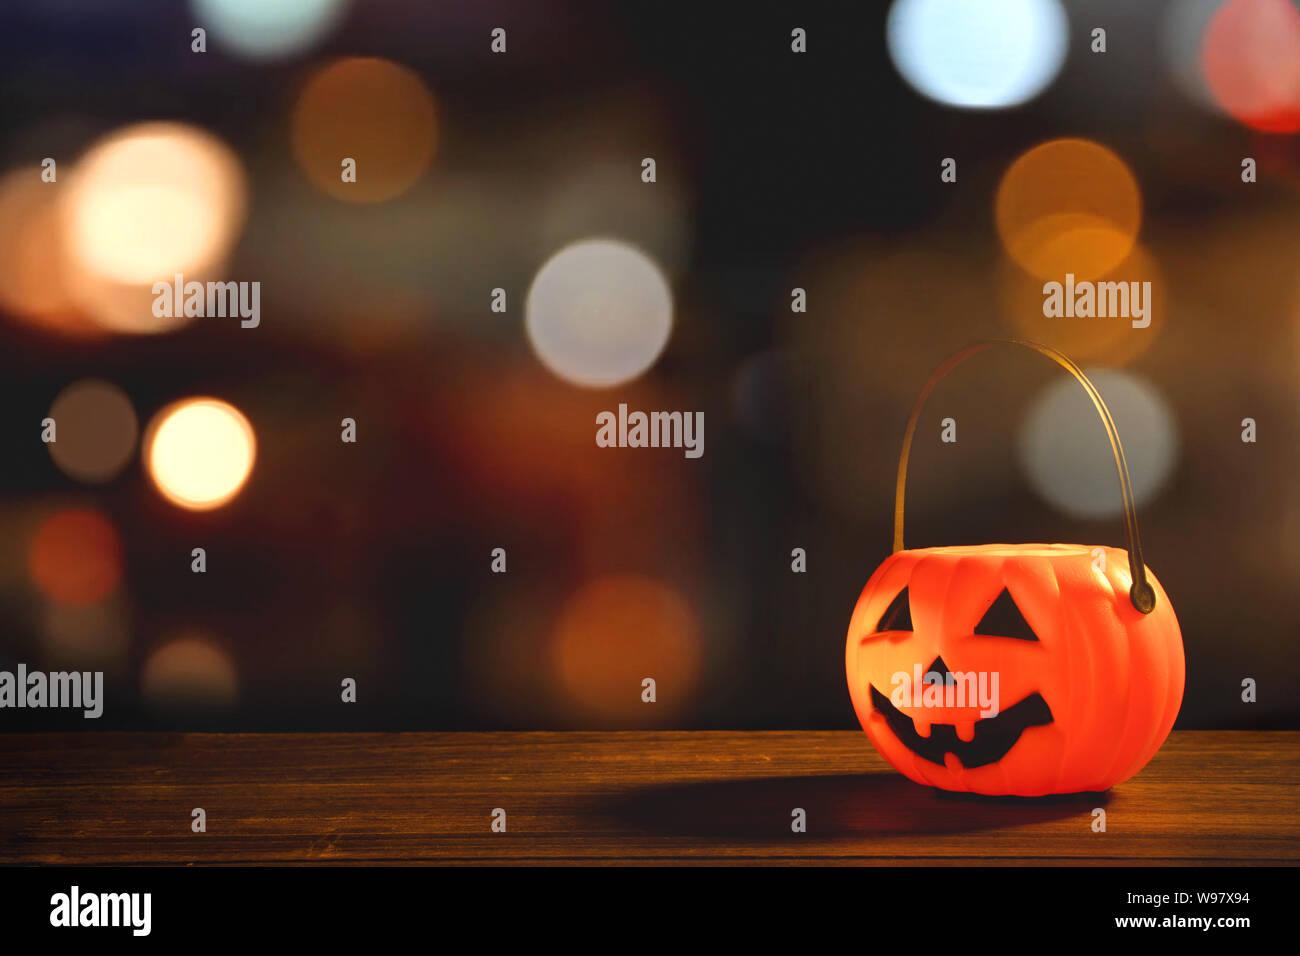 Immagine Zucca Di Halloween 94.Jackolantern Immagini Jackolantern Fotos Stock Alamy